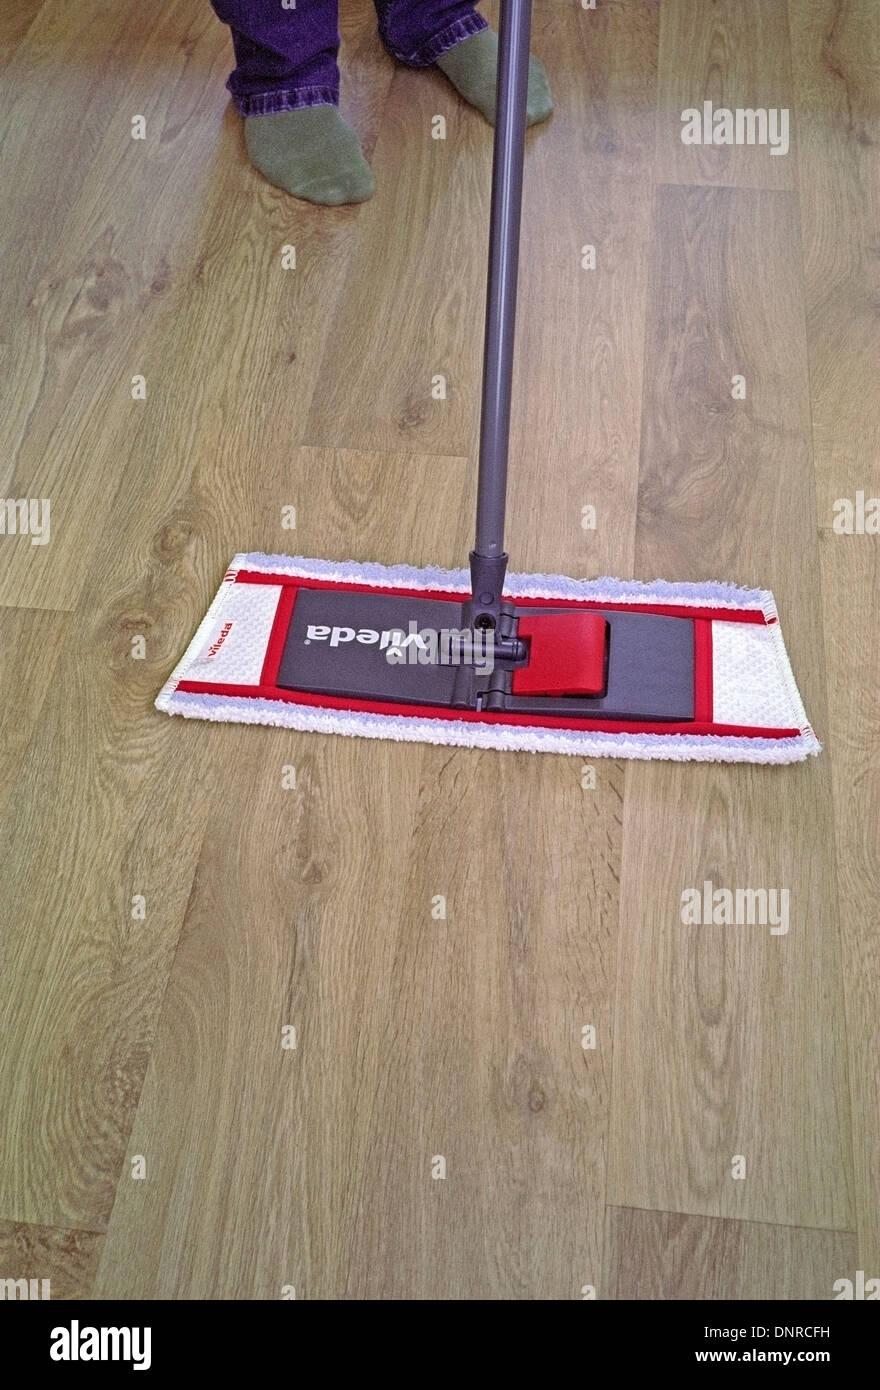 Man Using A Vileda Mop On Vinyl Wood Effect Floor UK MODEL RELEASED